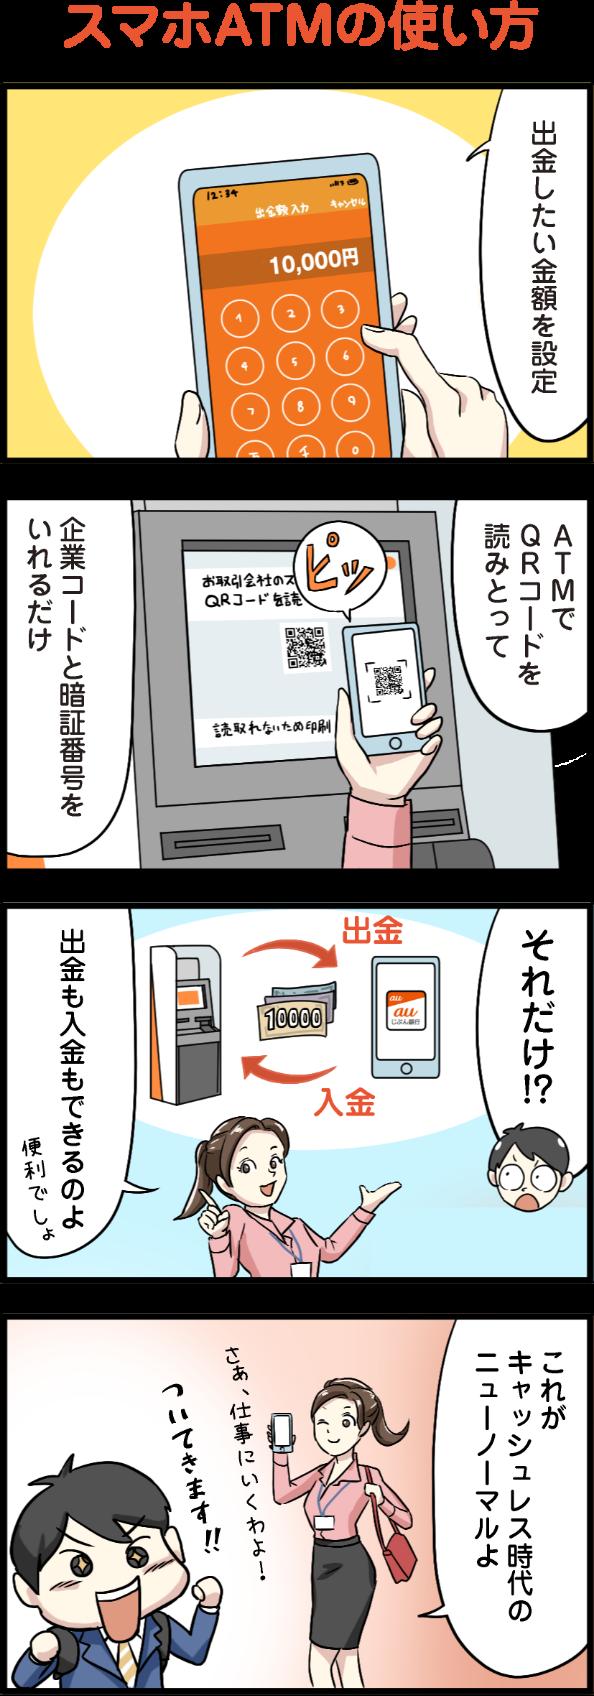 raw manga 使い方 スマホ